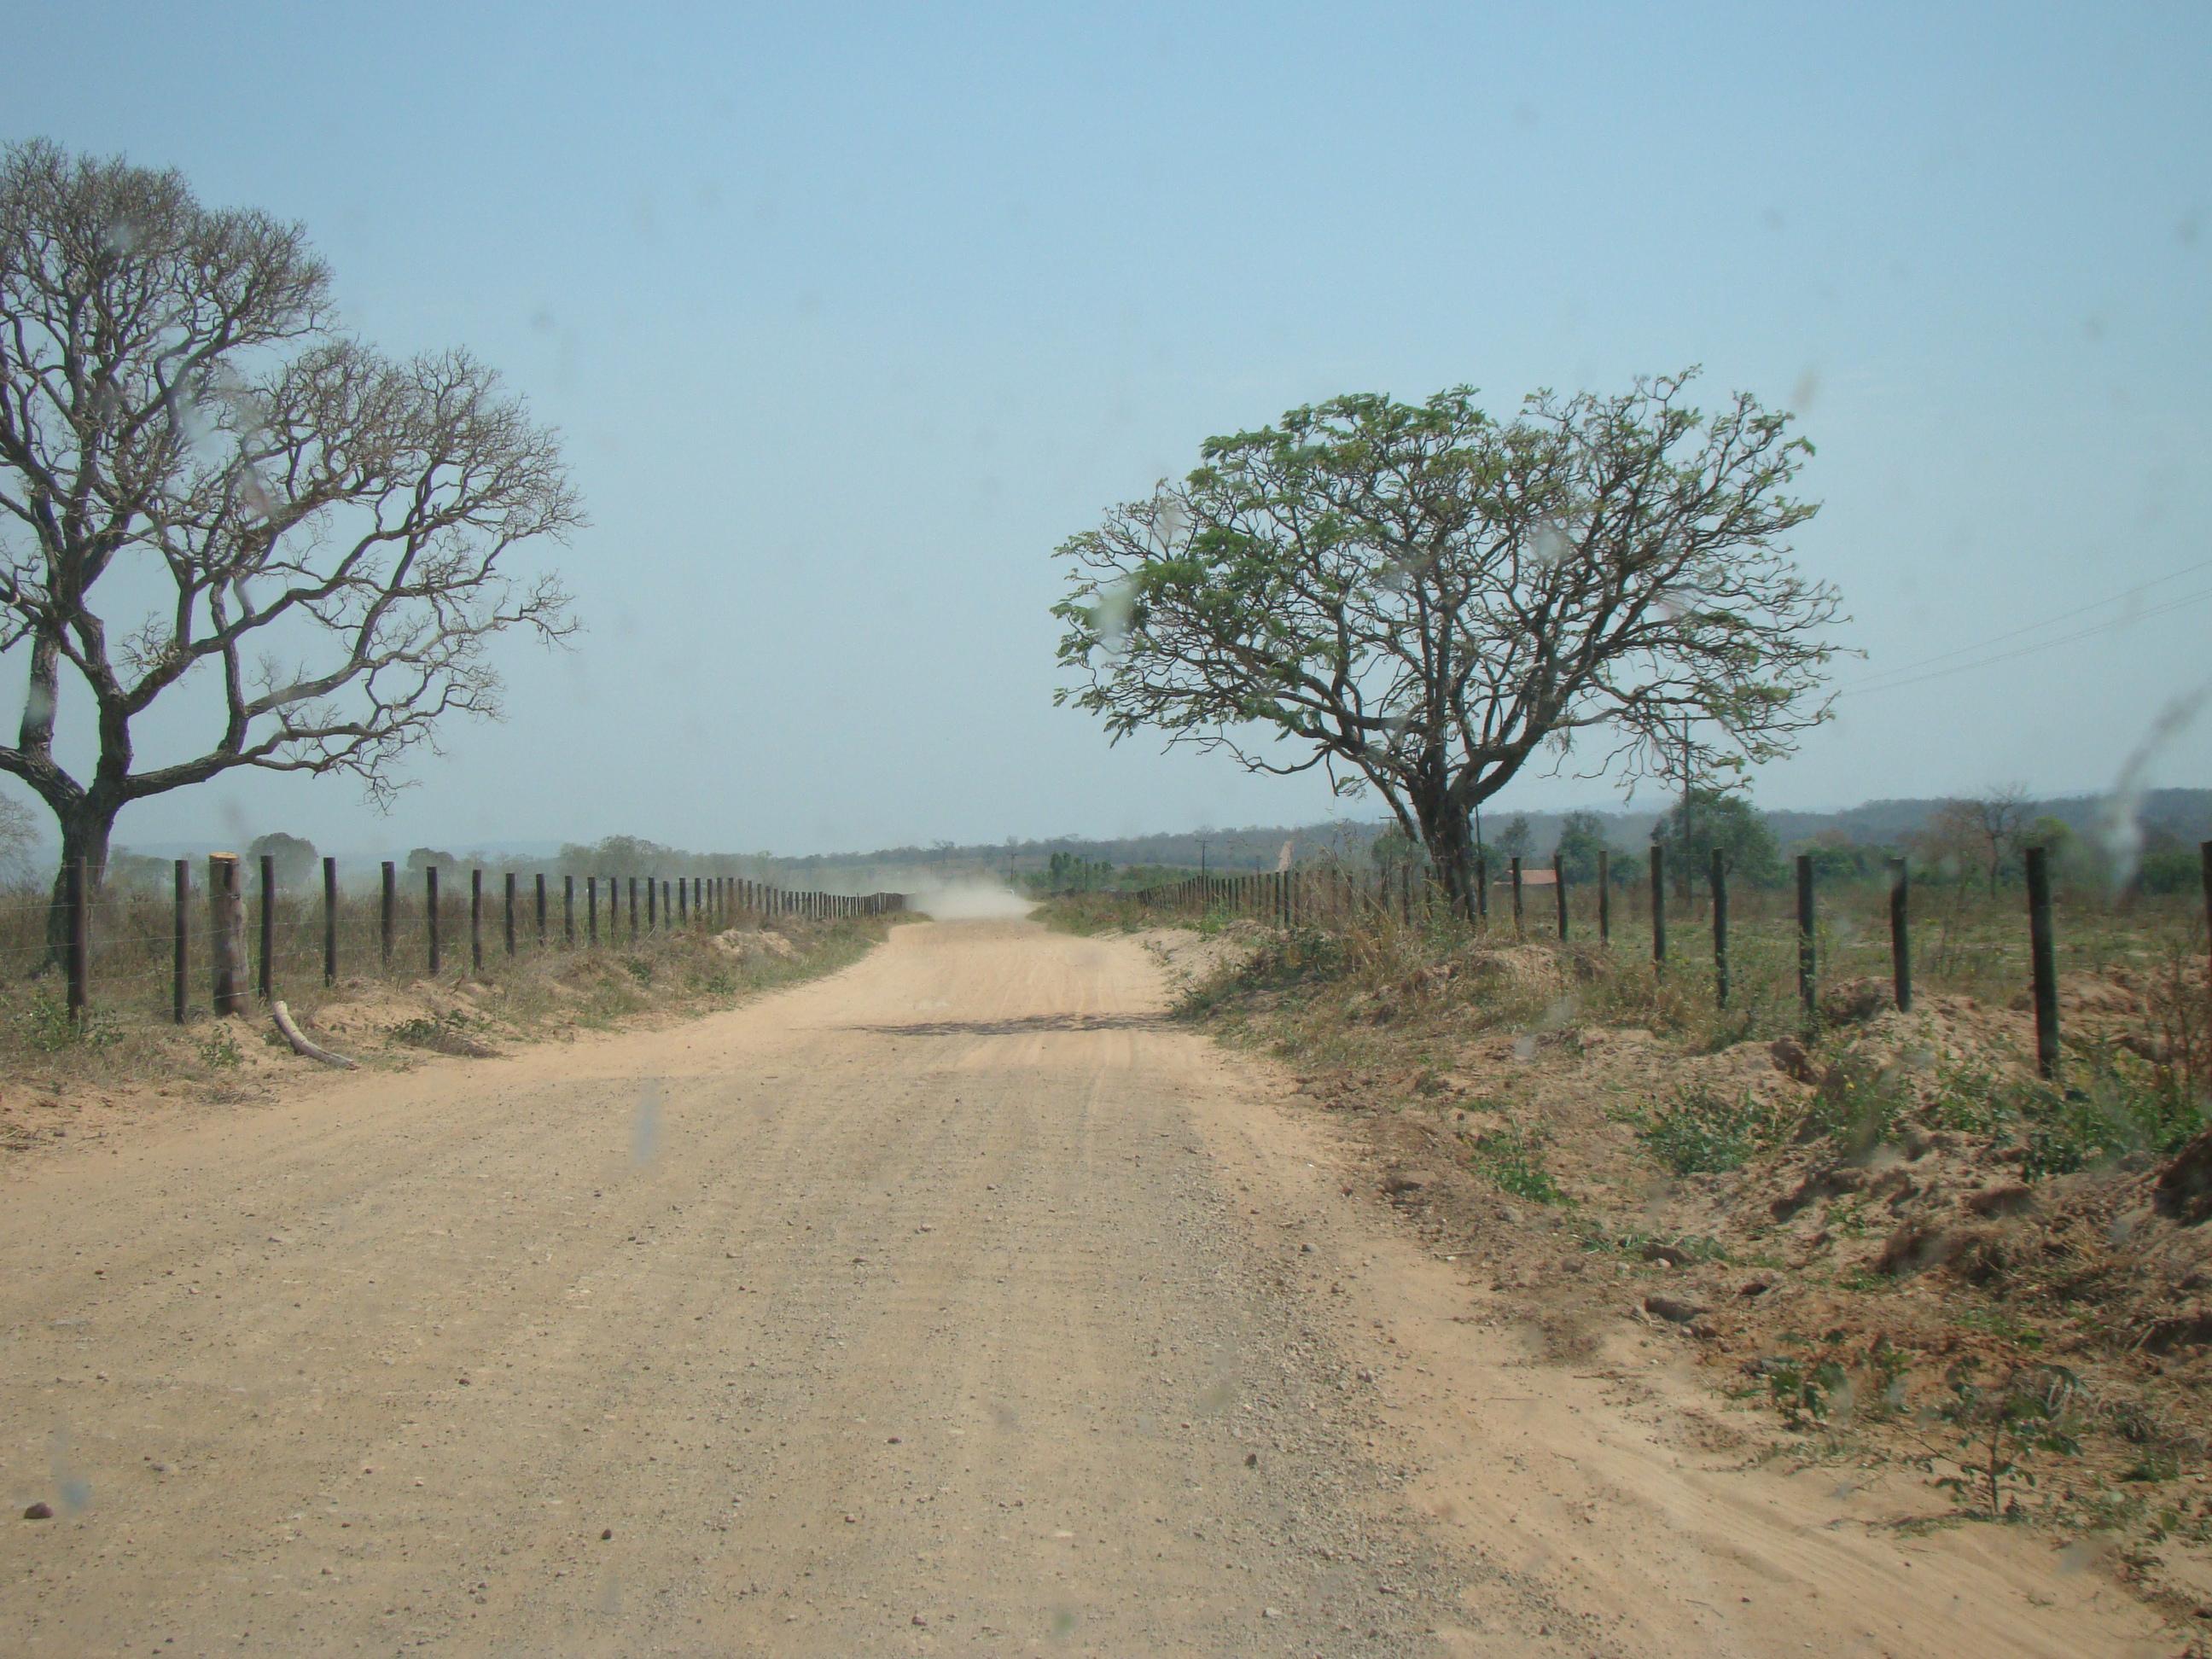 Terenos Mato Grosso do Sul fonte: upload.wikimedia.org